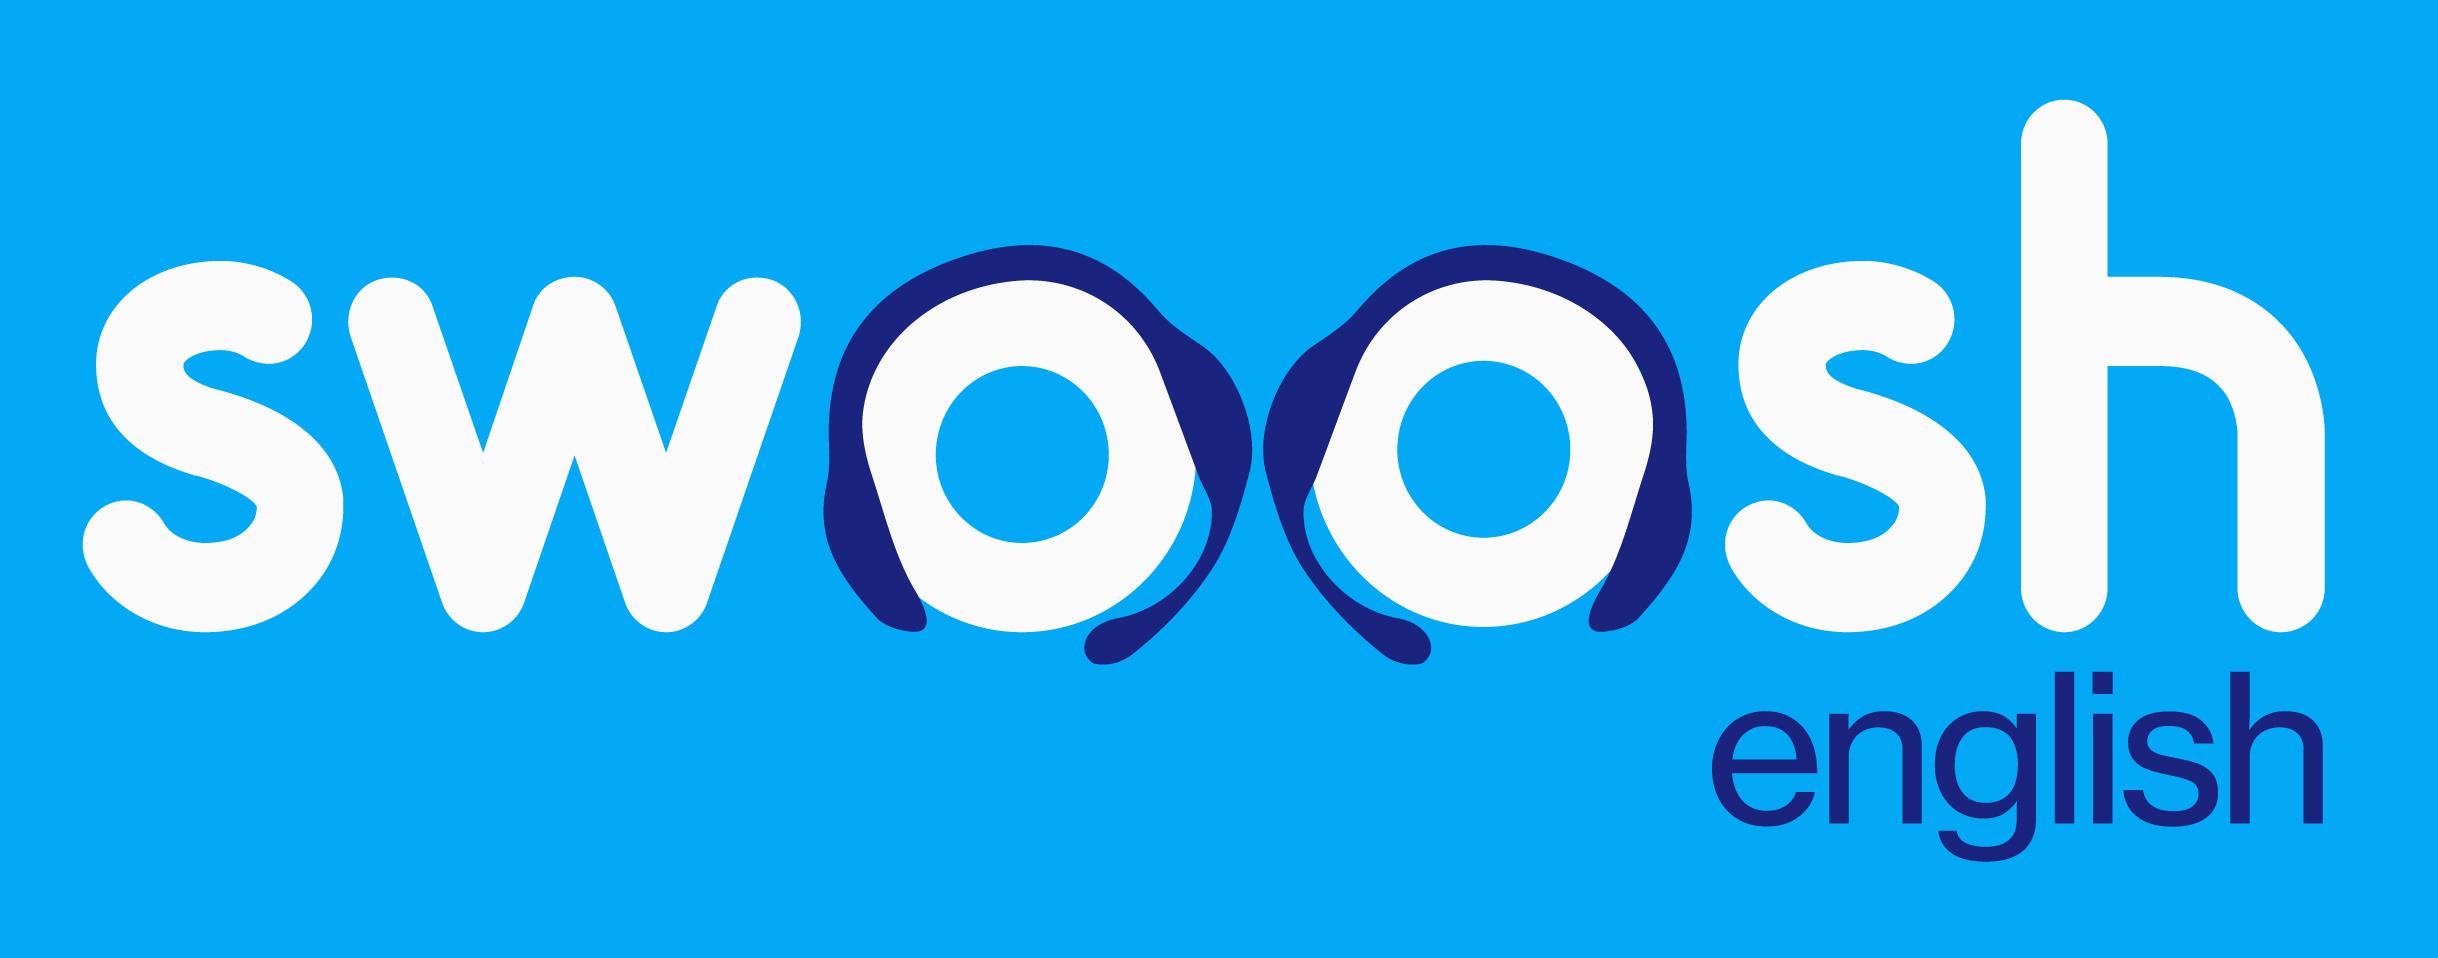 Swoosh English Logo Blue Background